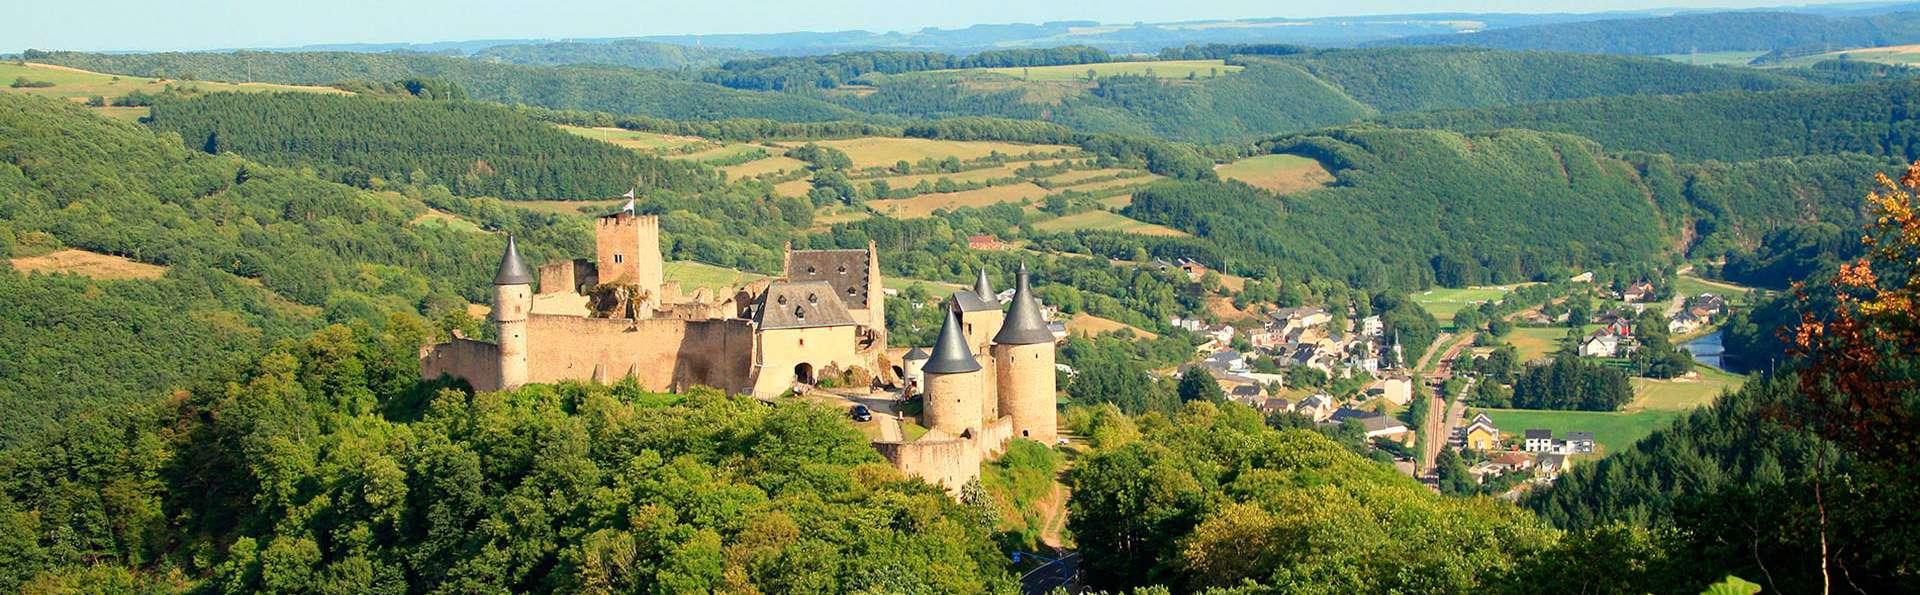 Cadre relaxant avec dîners inclus au coeur du Luxembourg (à partir de 2 nuits)